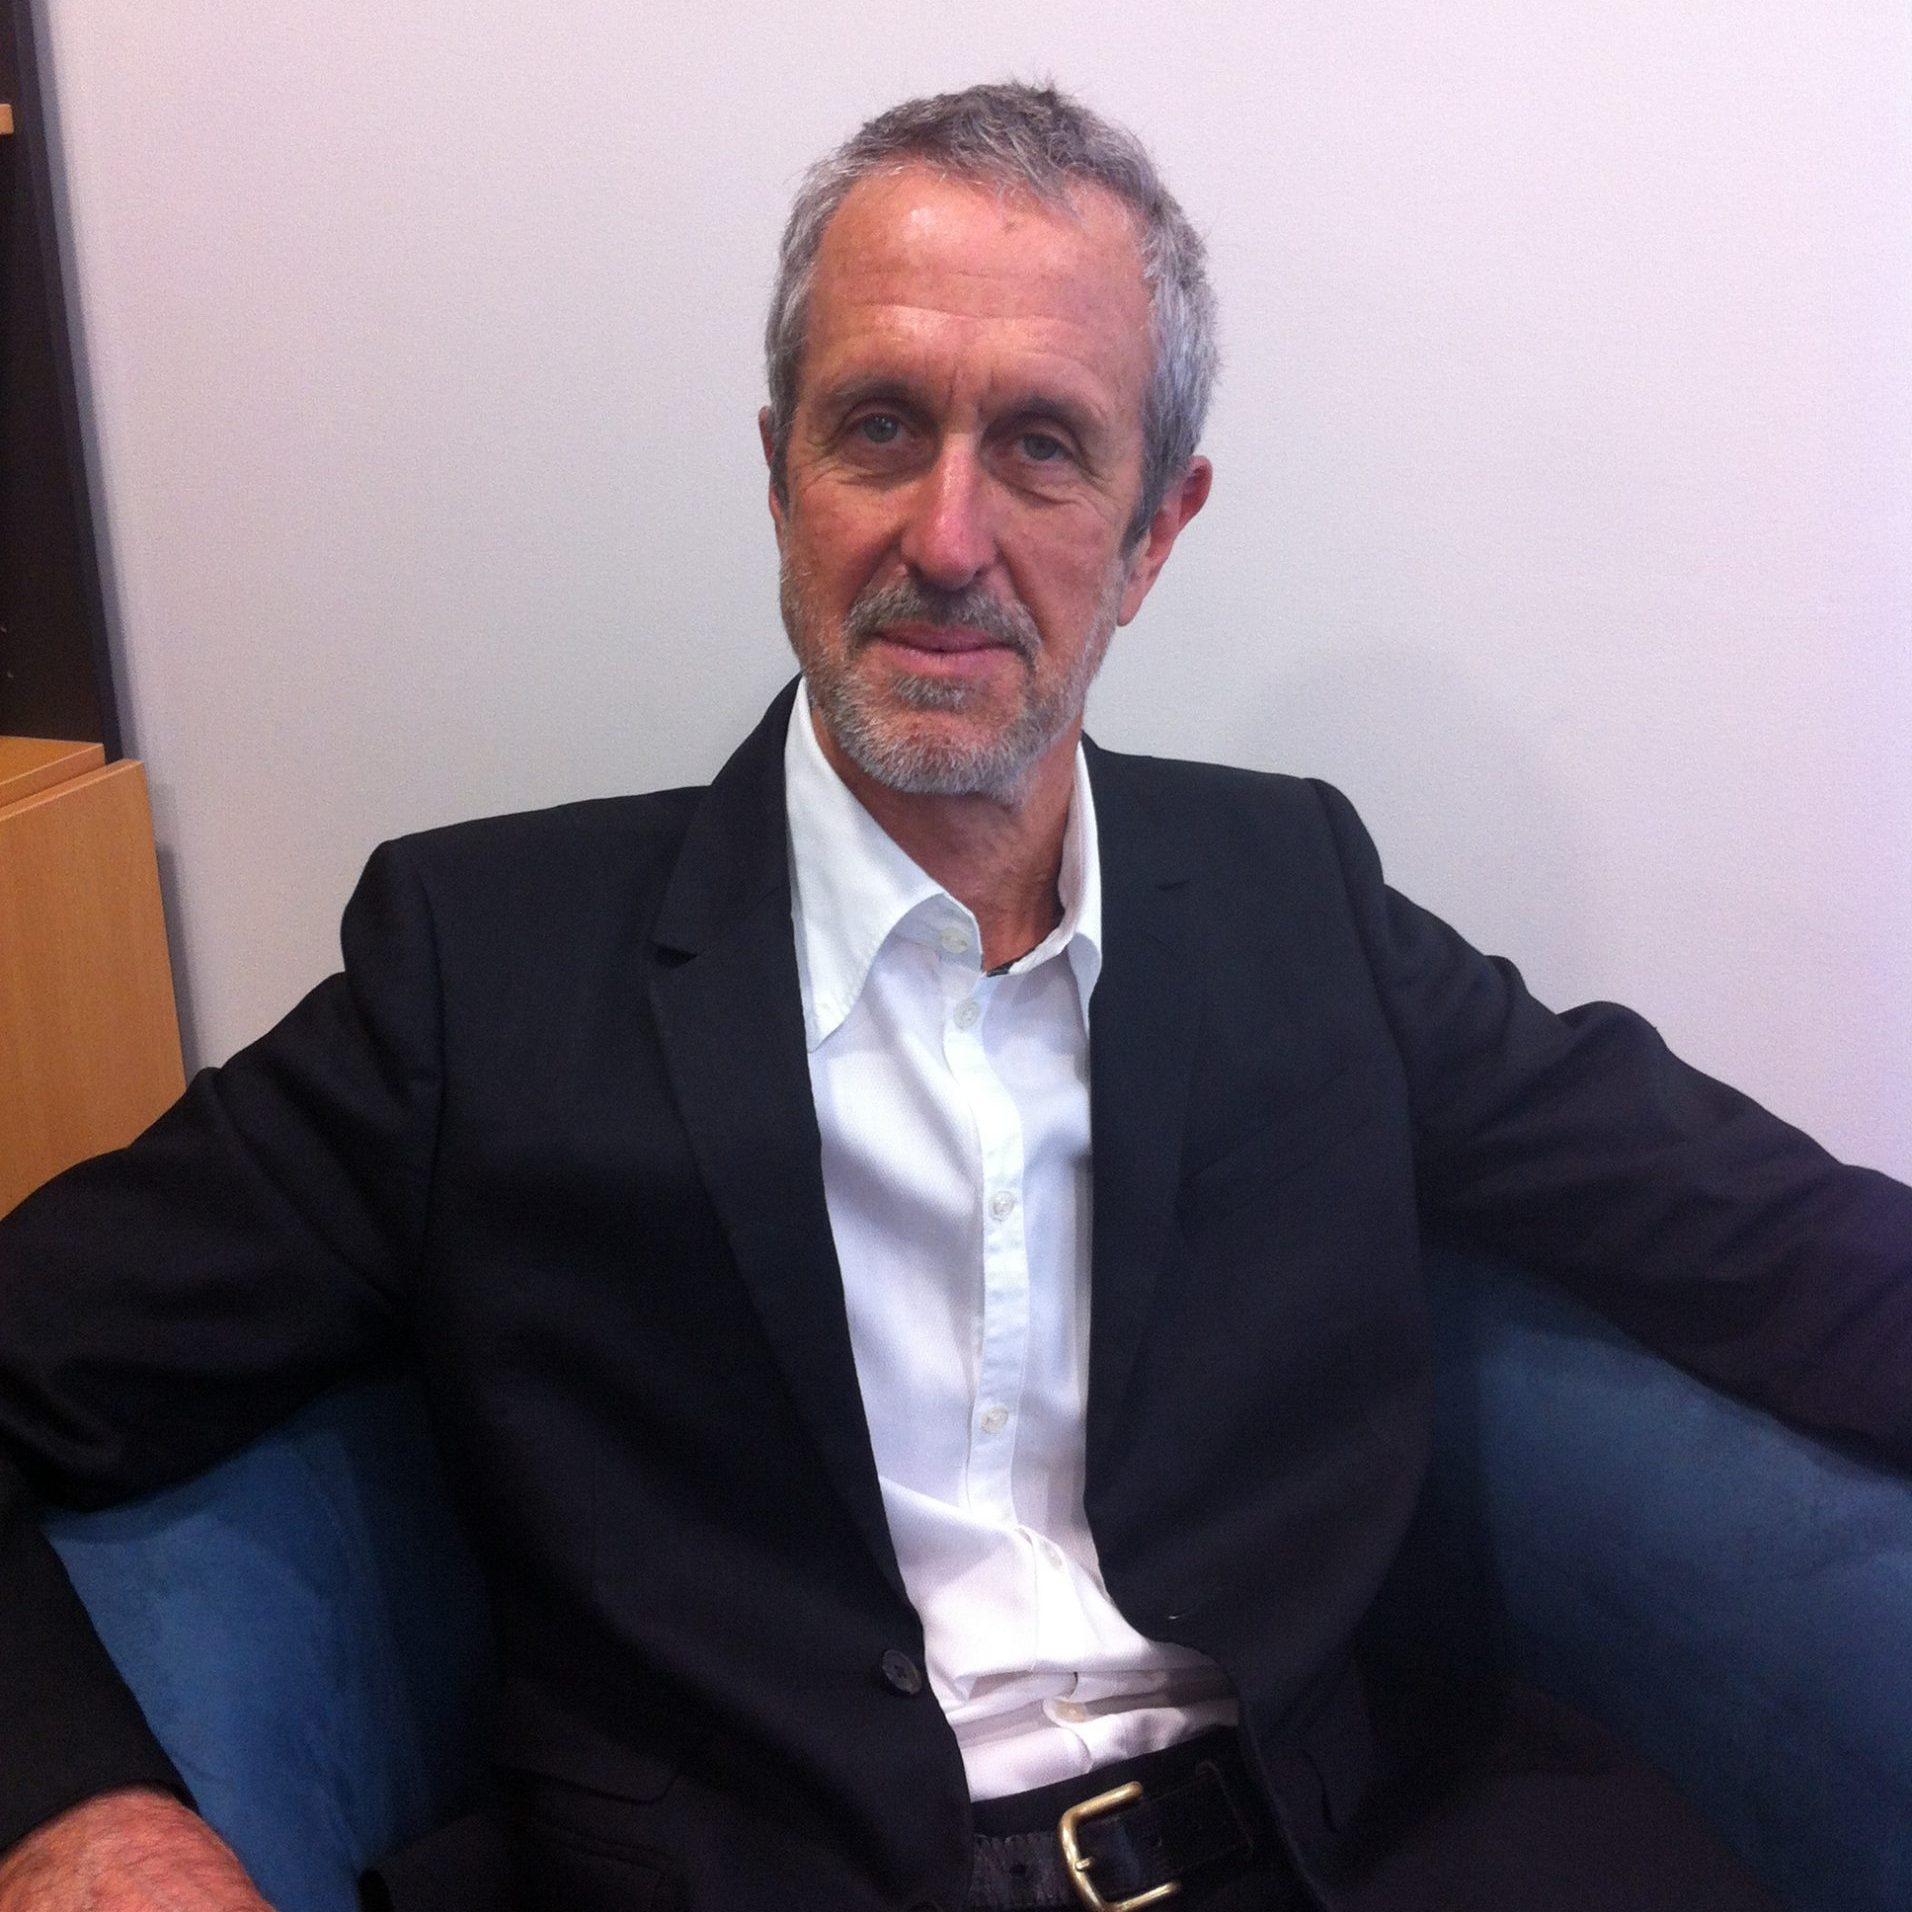 Dr Peter Vaux